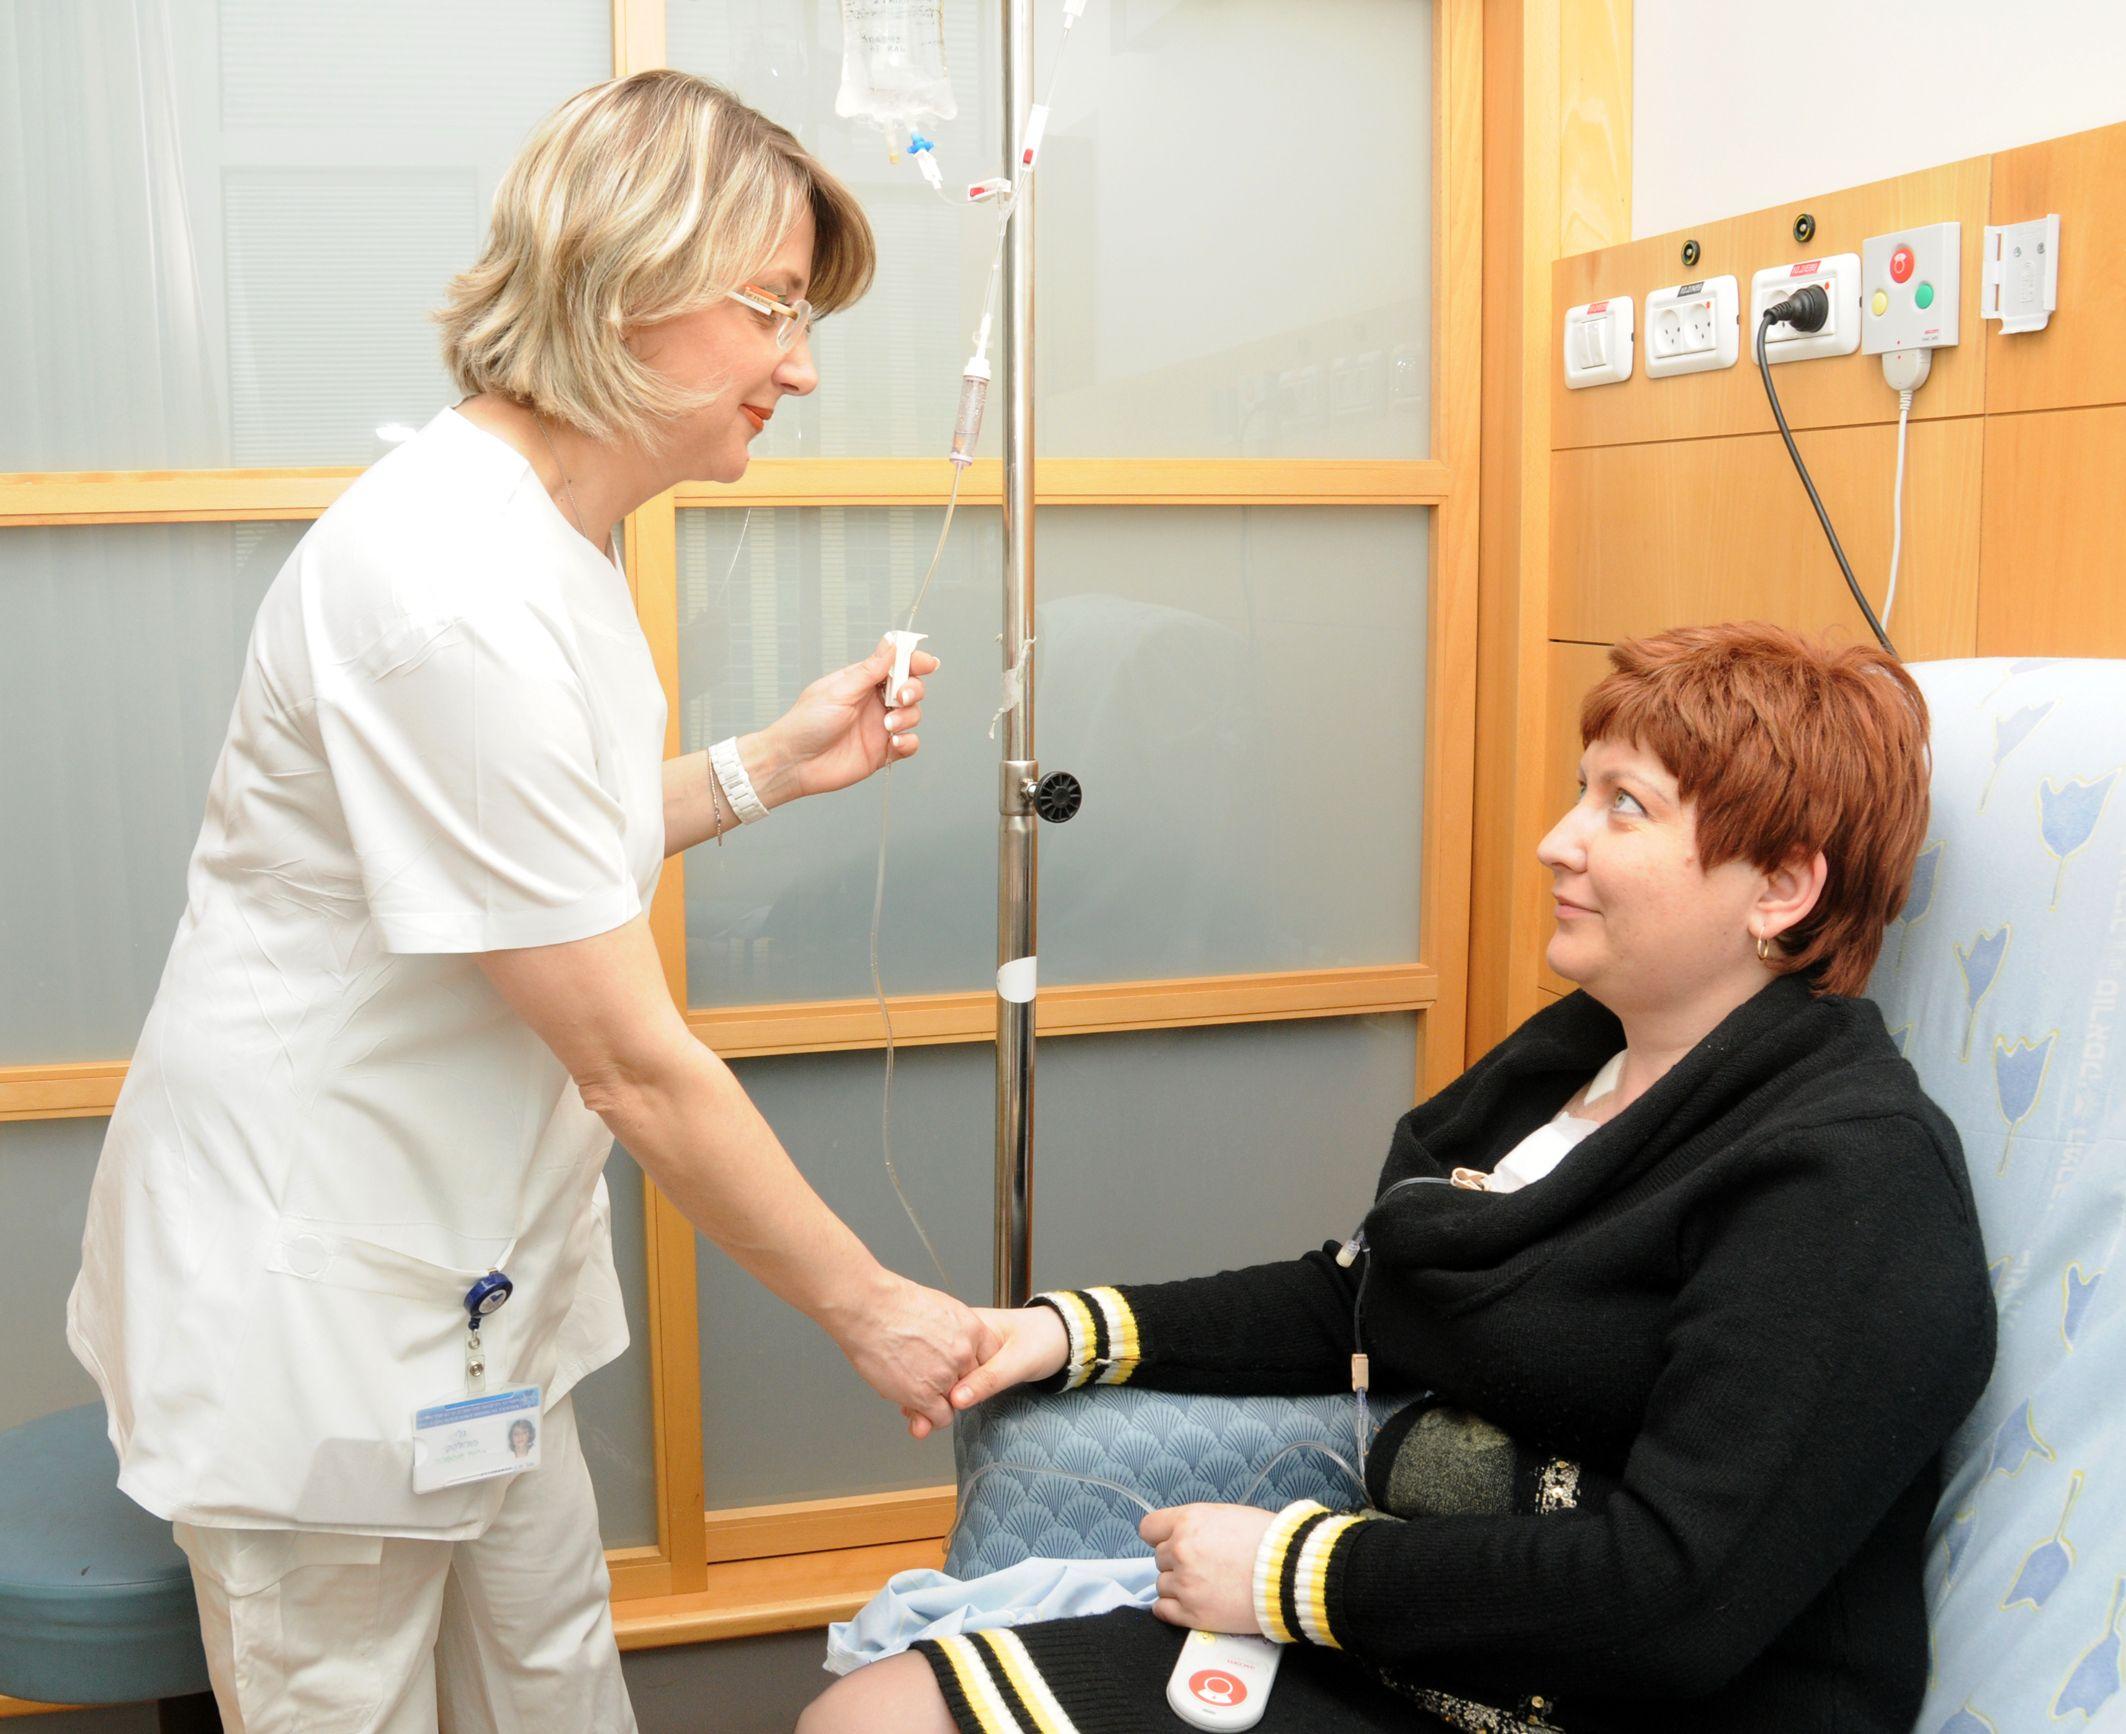 תמונה של חולה עם הסכמה מדעת שמשתתפת במחקר קליני תוך כדי טיפול.